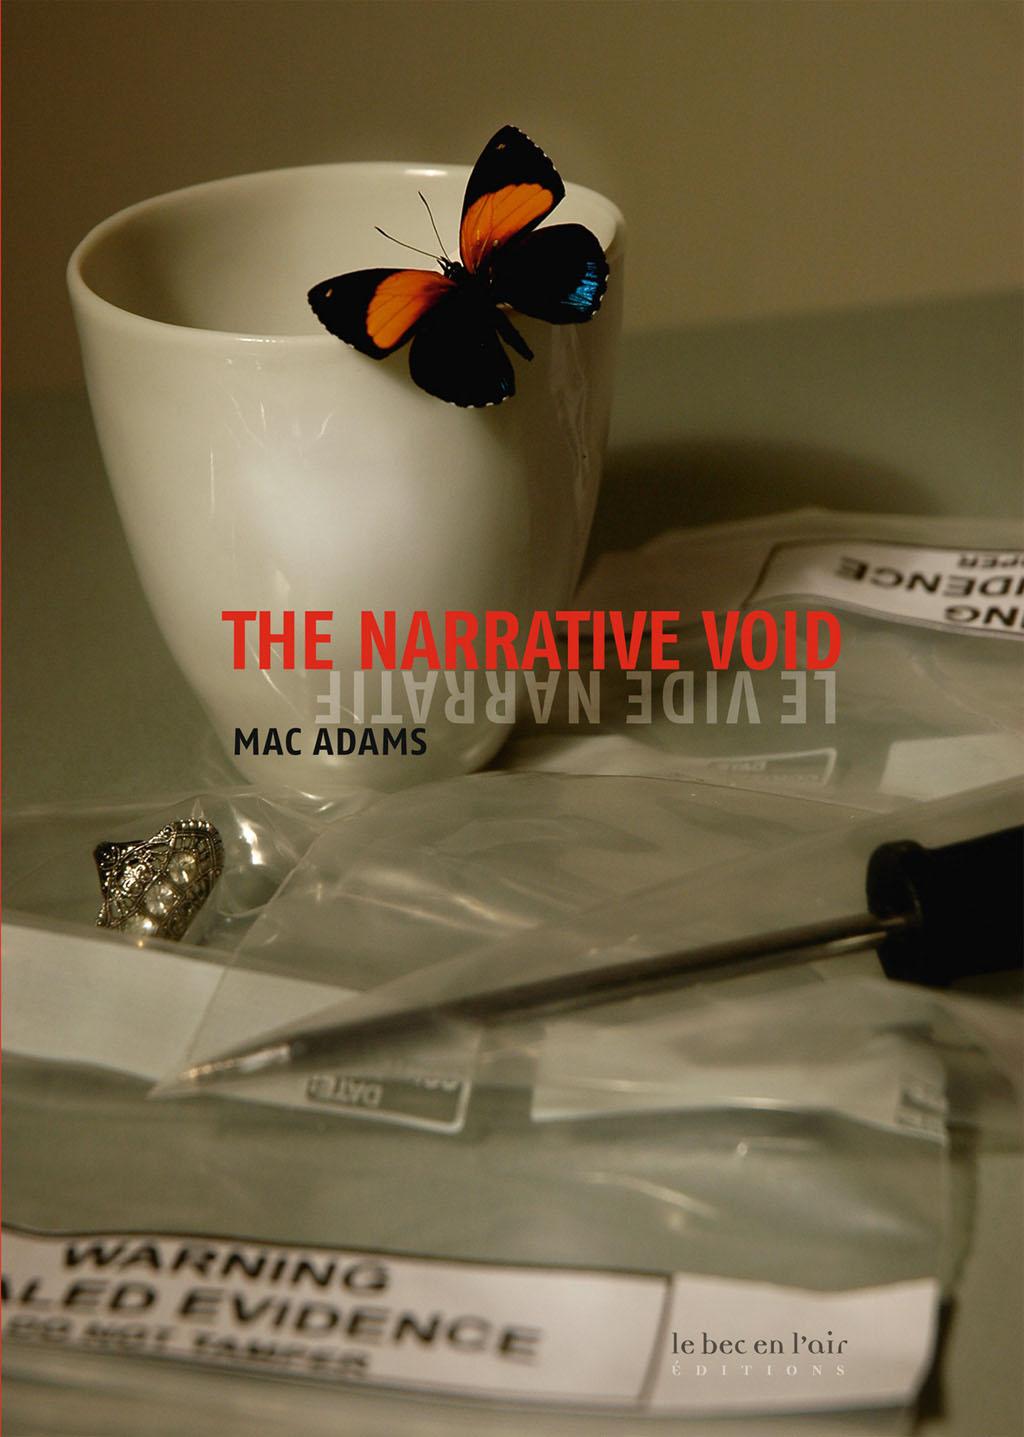 Couverture du livre Le Vide narratif, de Mac Adams